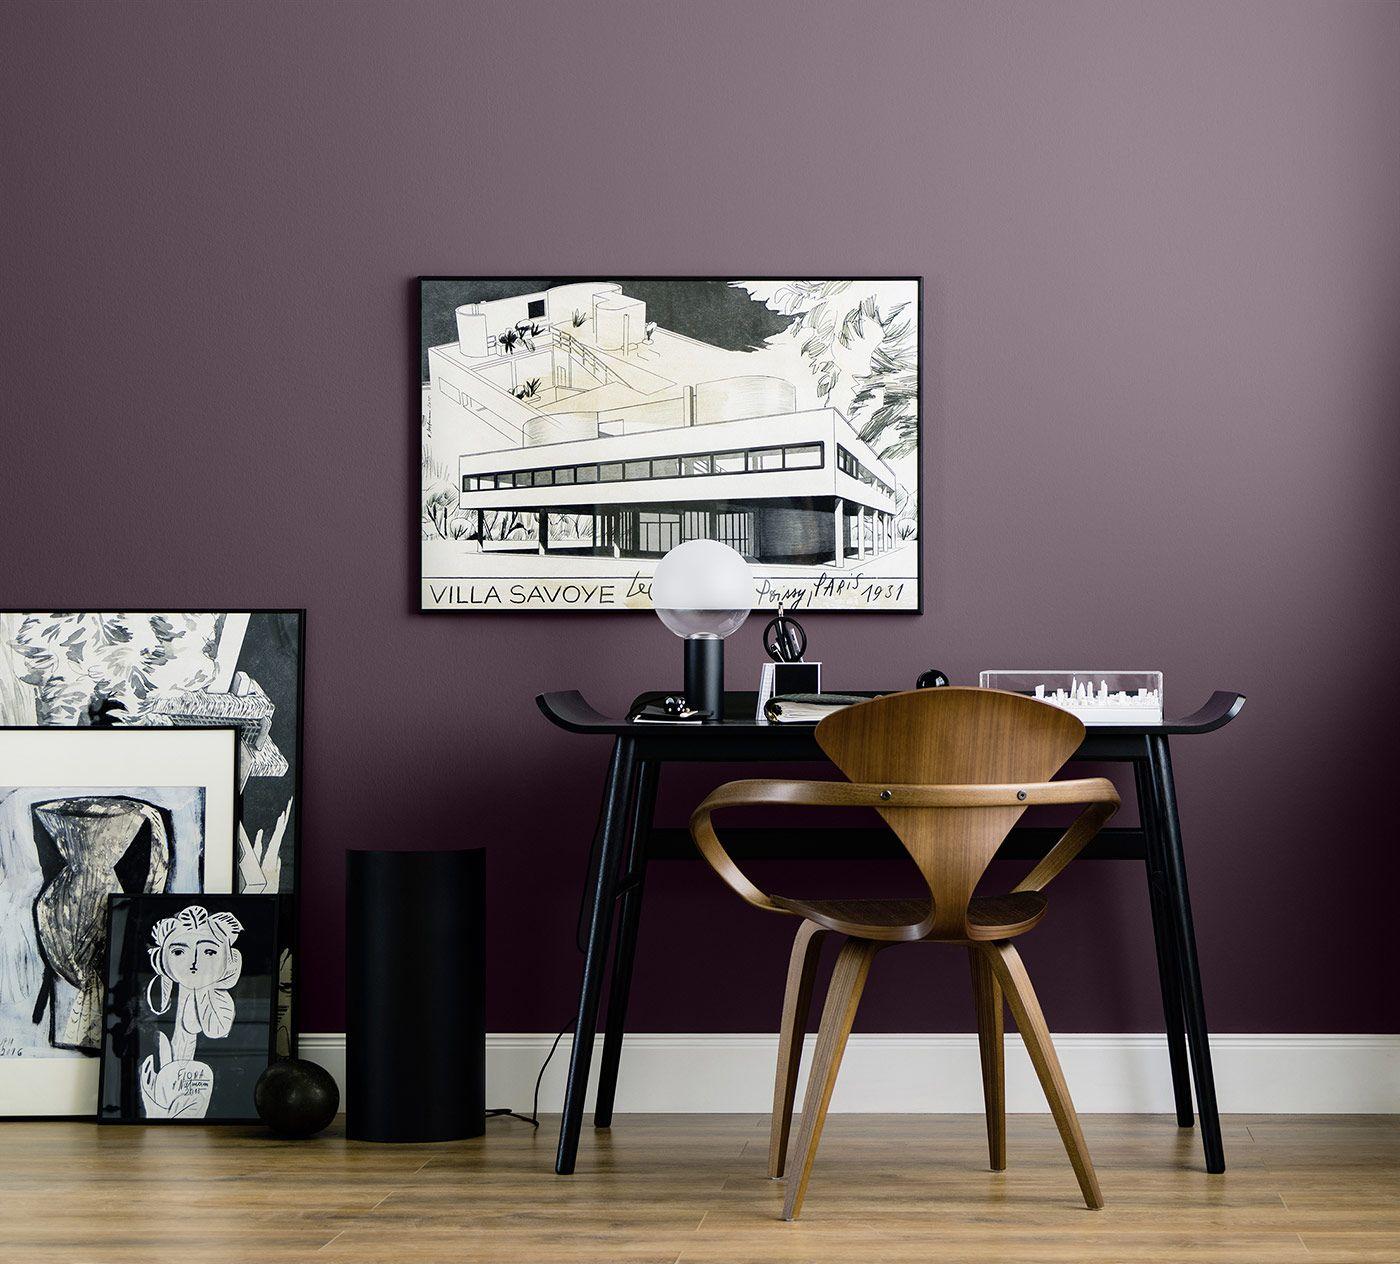 Wandfarbe Grau Blau Kombinieren 5: Architects' Finest - SCHÖNER WOHNEN Farbe